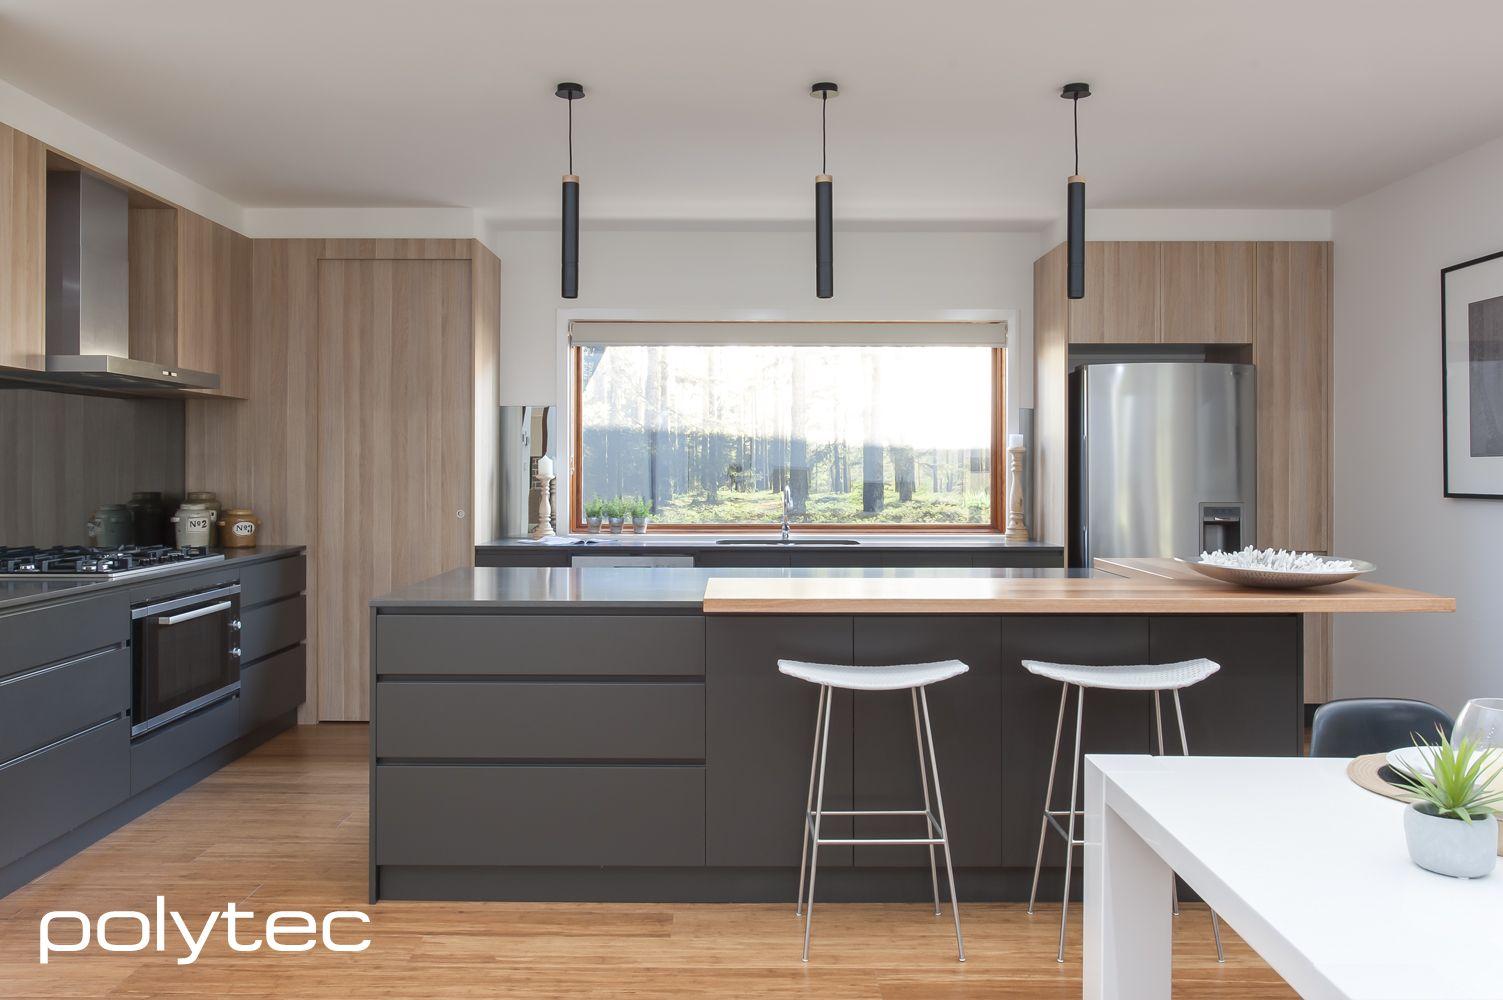 Polytec Kitchen Design Small Home Decor Kitchen Modern Kitchen